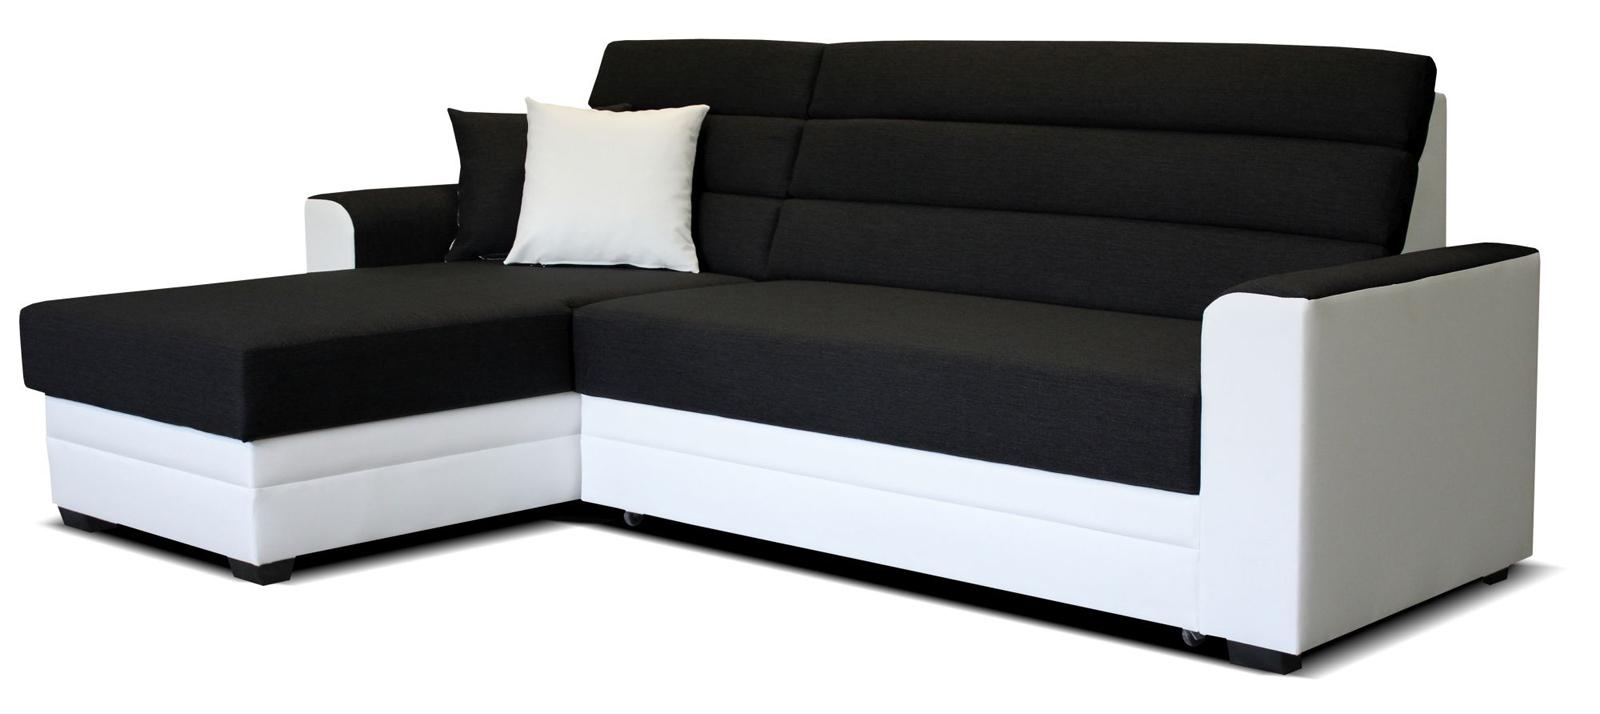 Rohová sedací souprava - Po-Sed - Ulm L+2F (černá + bílá) (L)